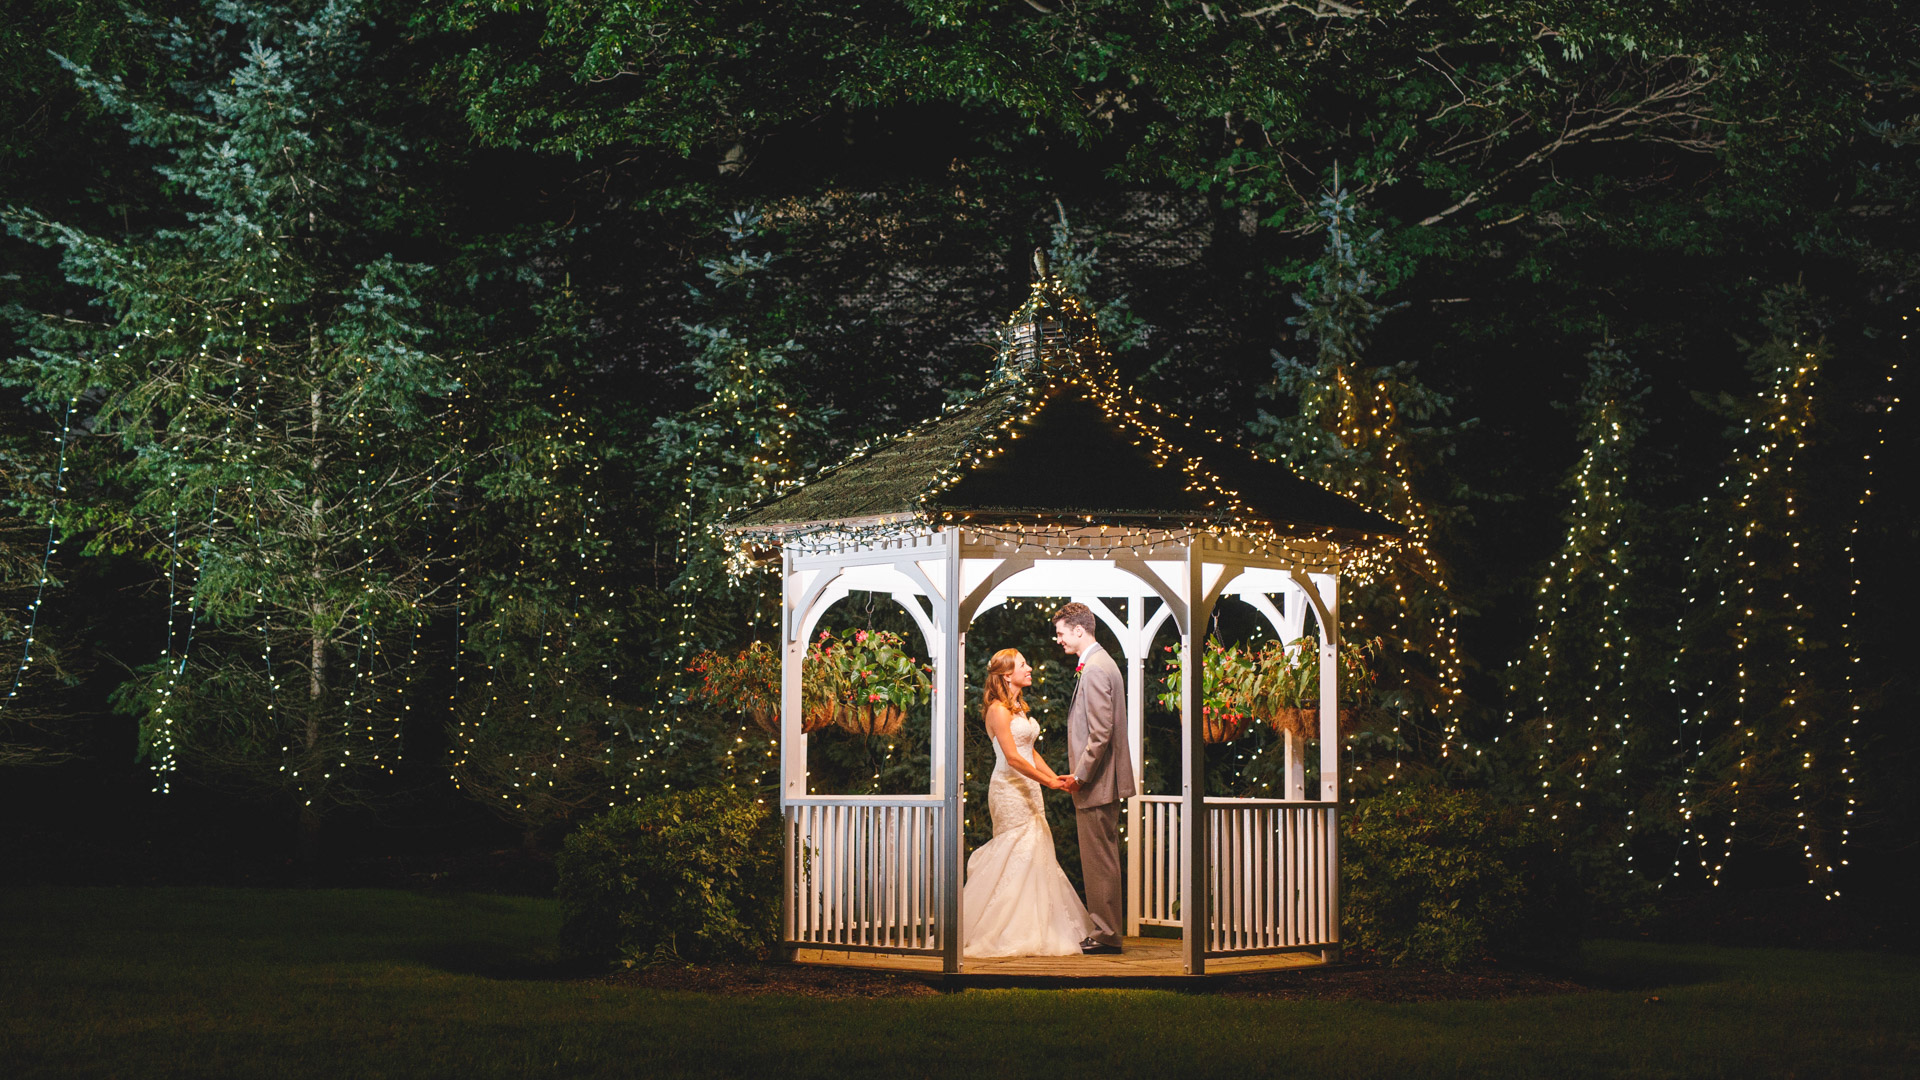 Woodwinds-Wedding-Photographs-branford-1-6.jpg